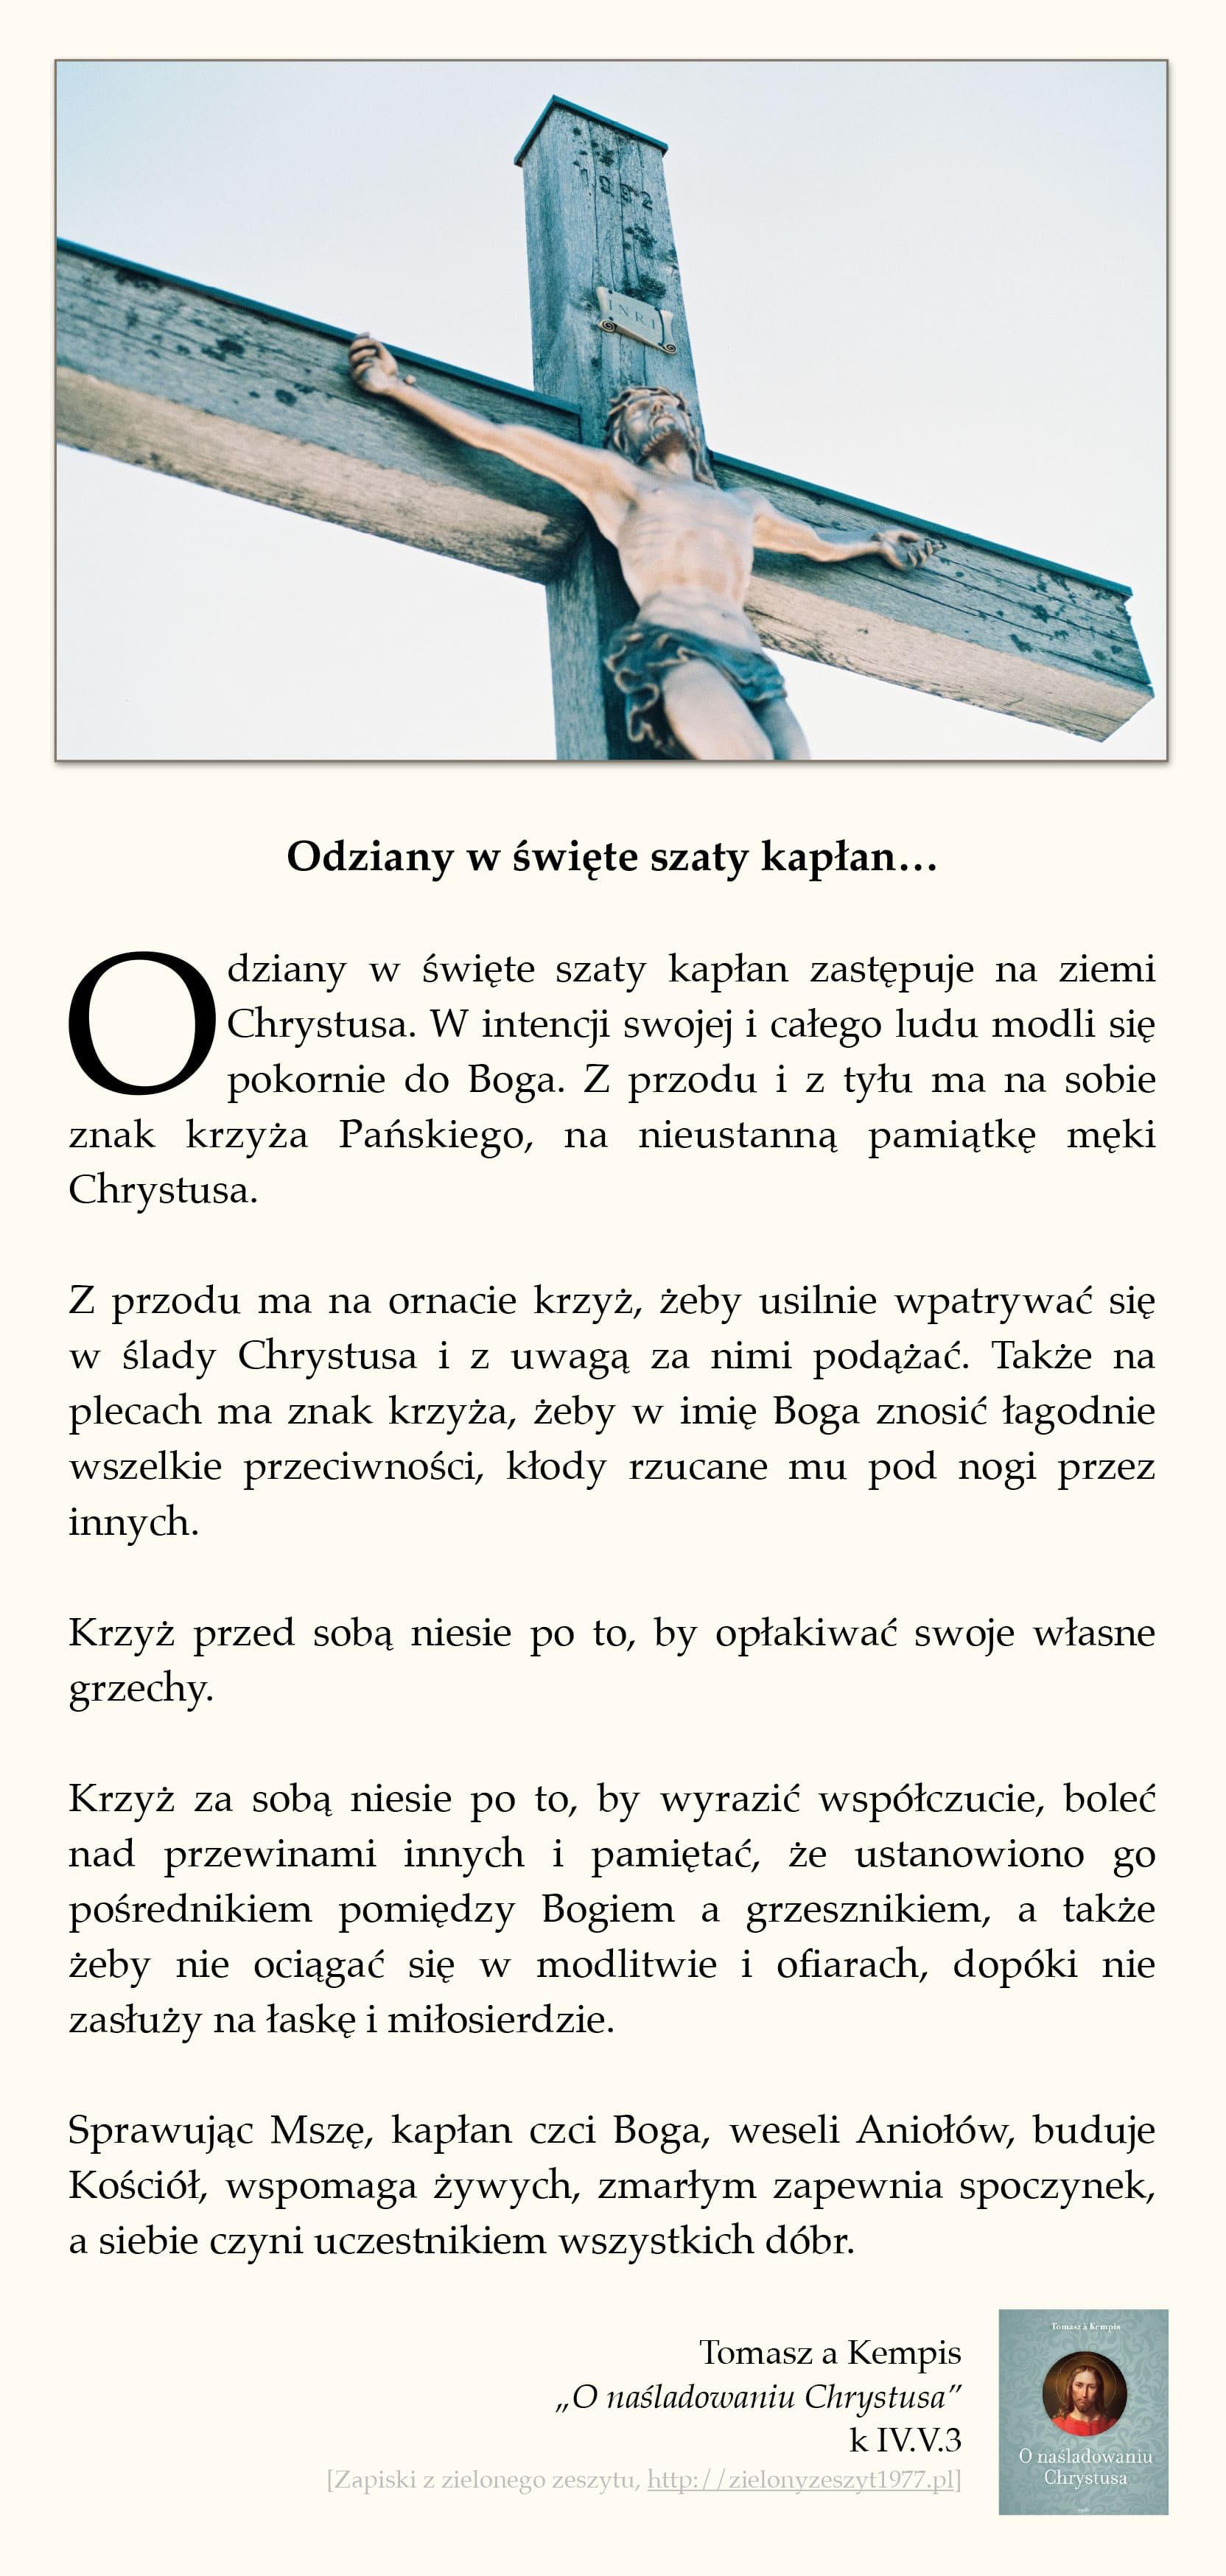 """Tomasz a Kempis, """"O naśladowaniu Chrystusa"""", k IV.V.3 (Odziany w święte szaty kapłan…)"""